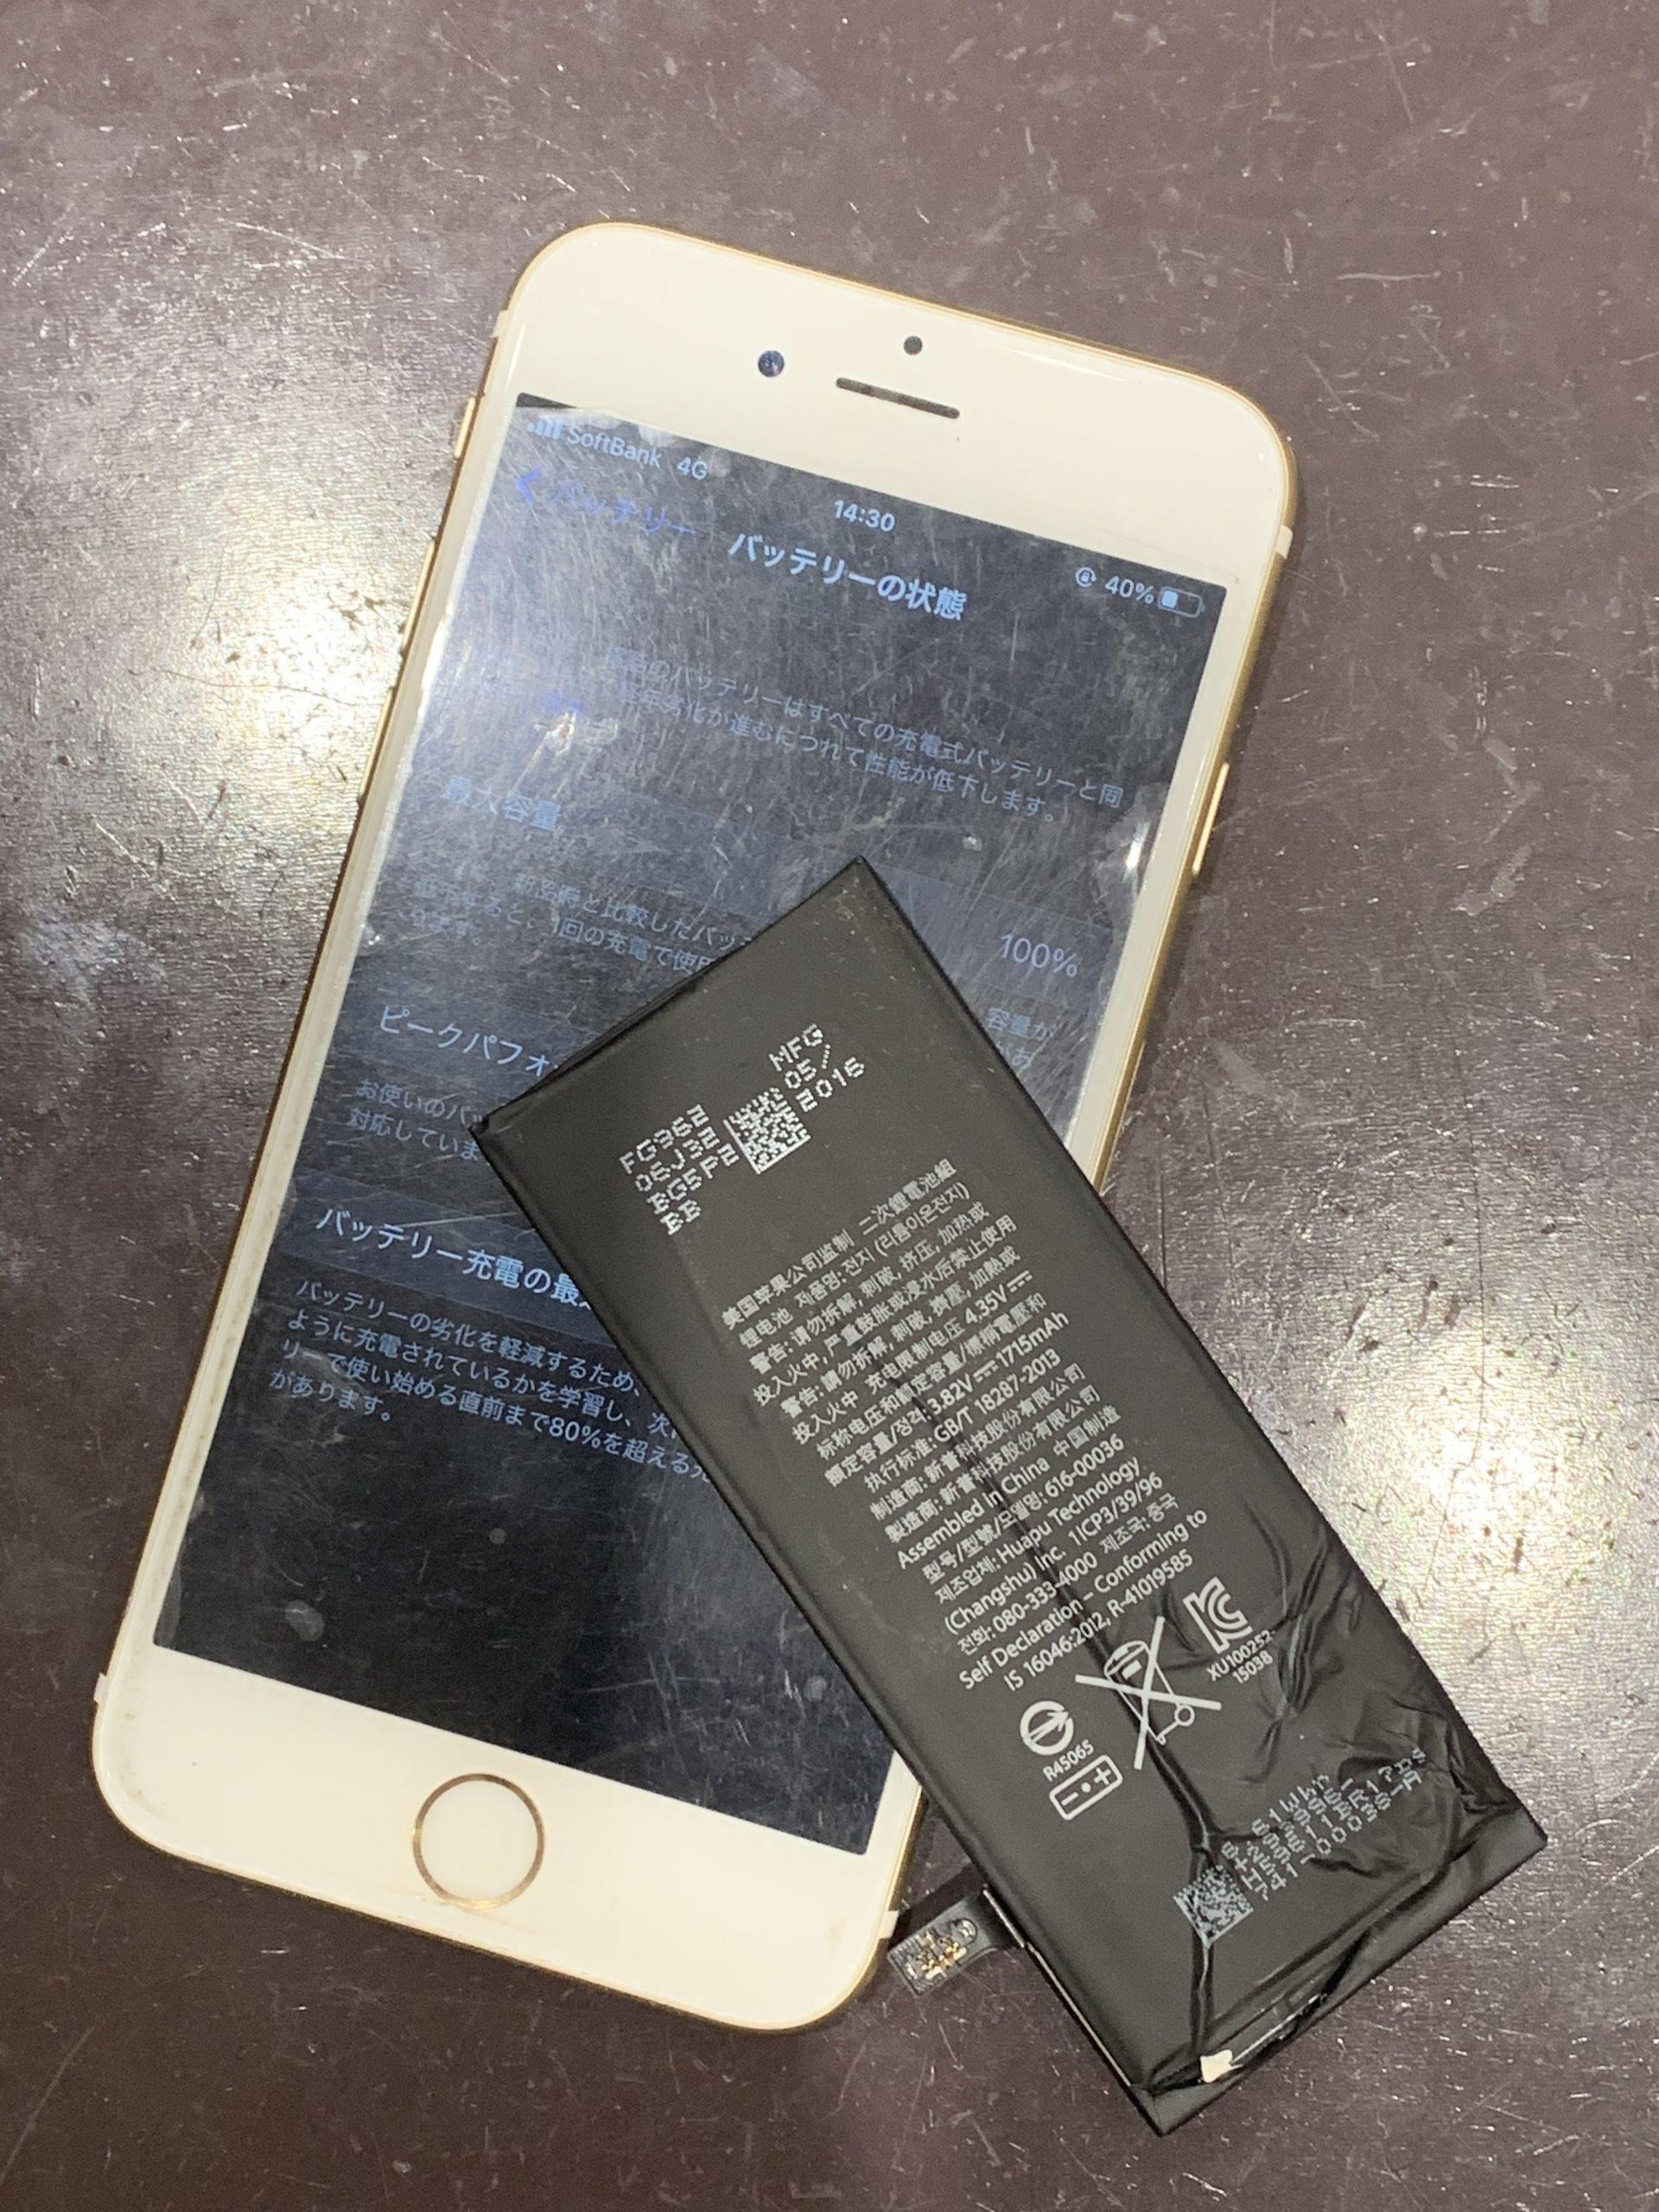 iPhoneの充電ケーブルを抜くとすぐに電源が切れてしまう・・・。/iPhone7 バッテリー交換【灘区よりお越しのお客様】